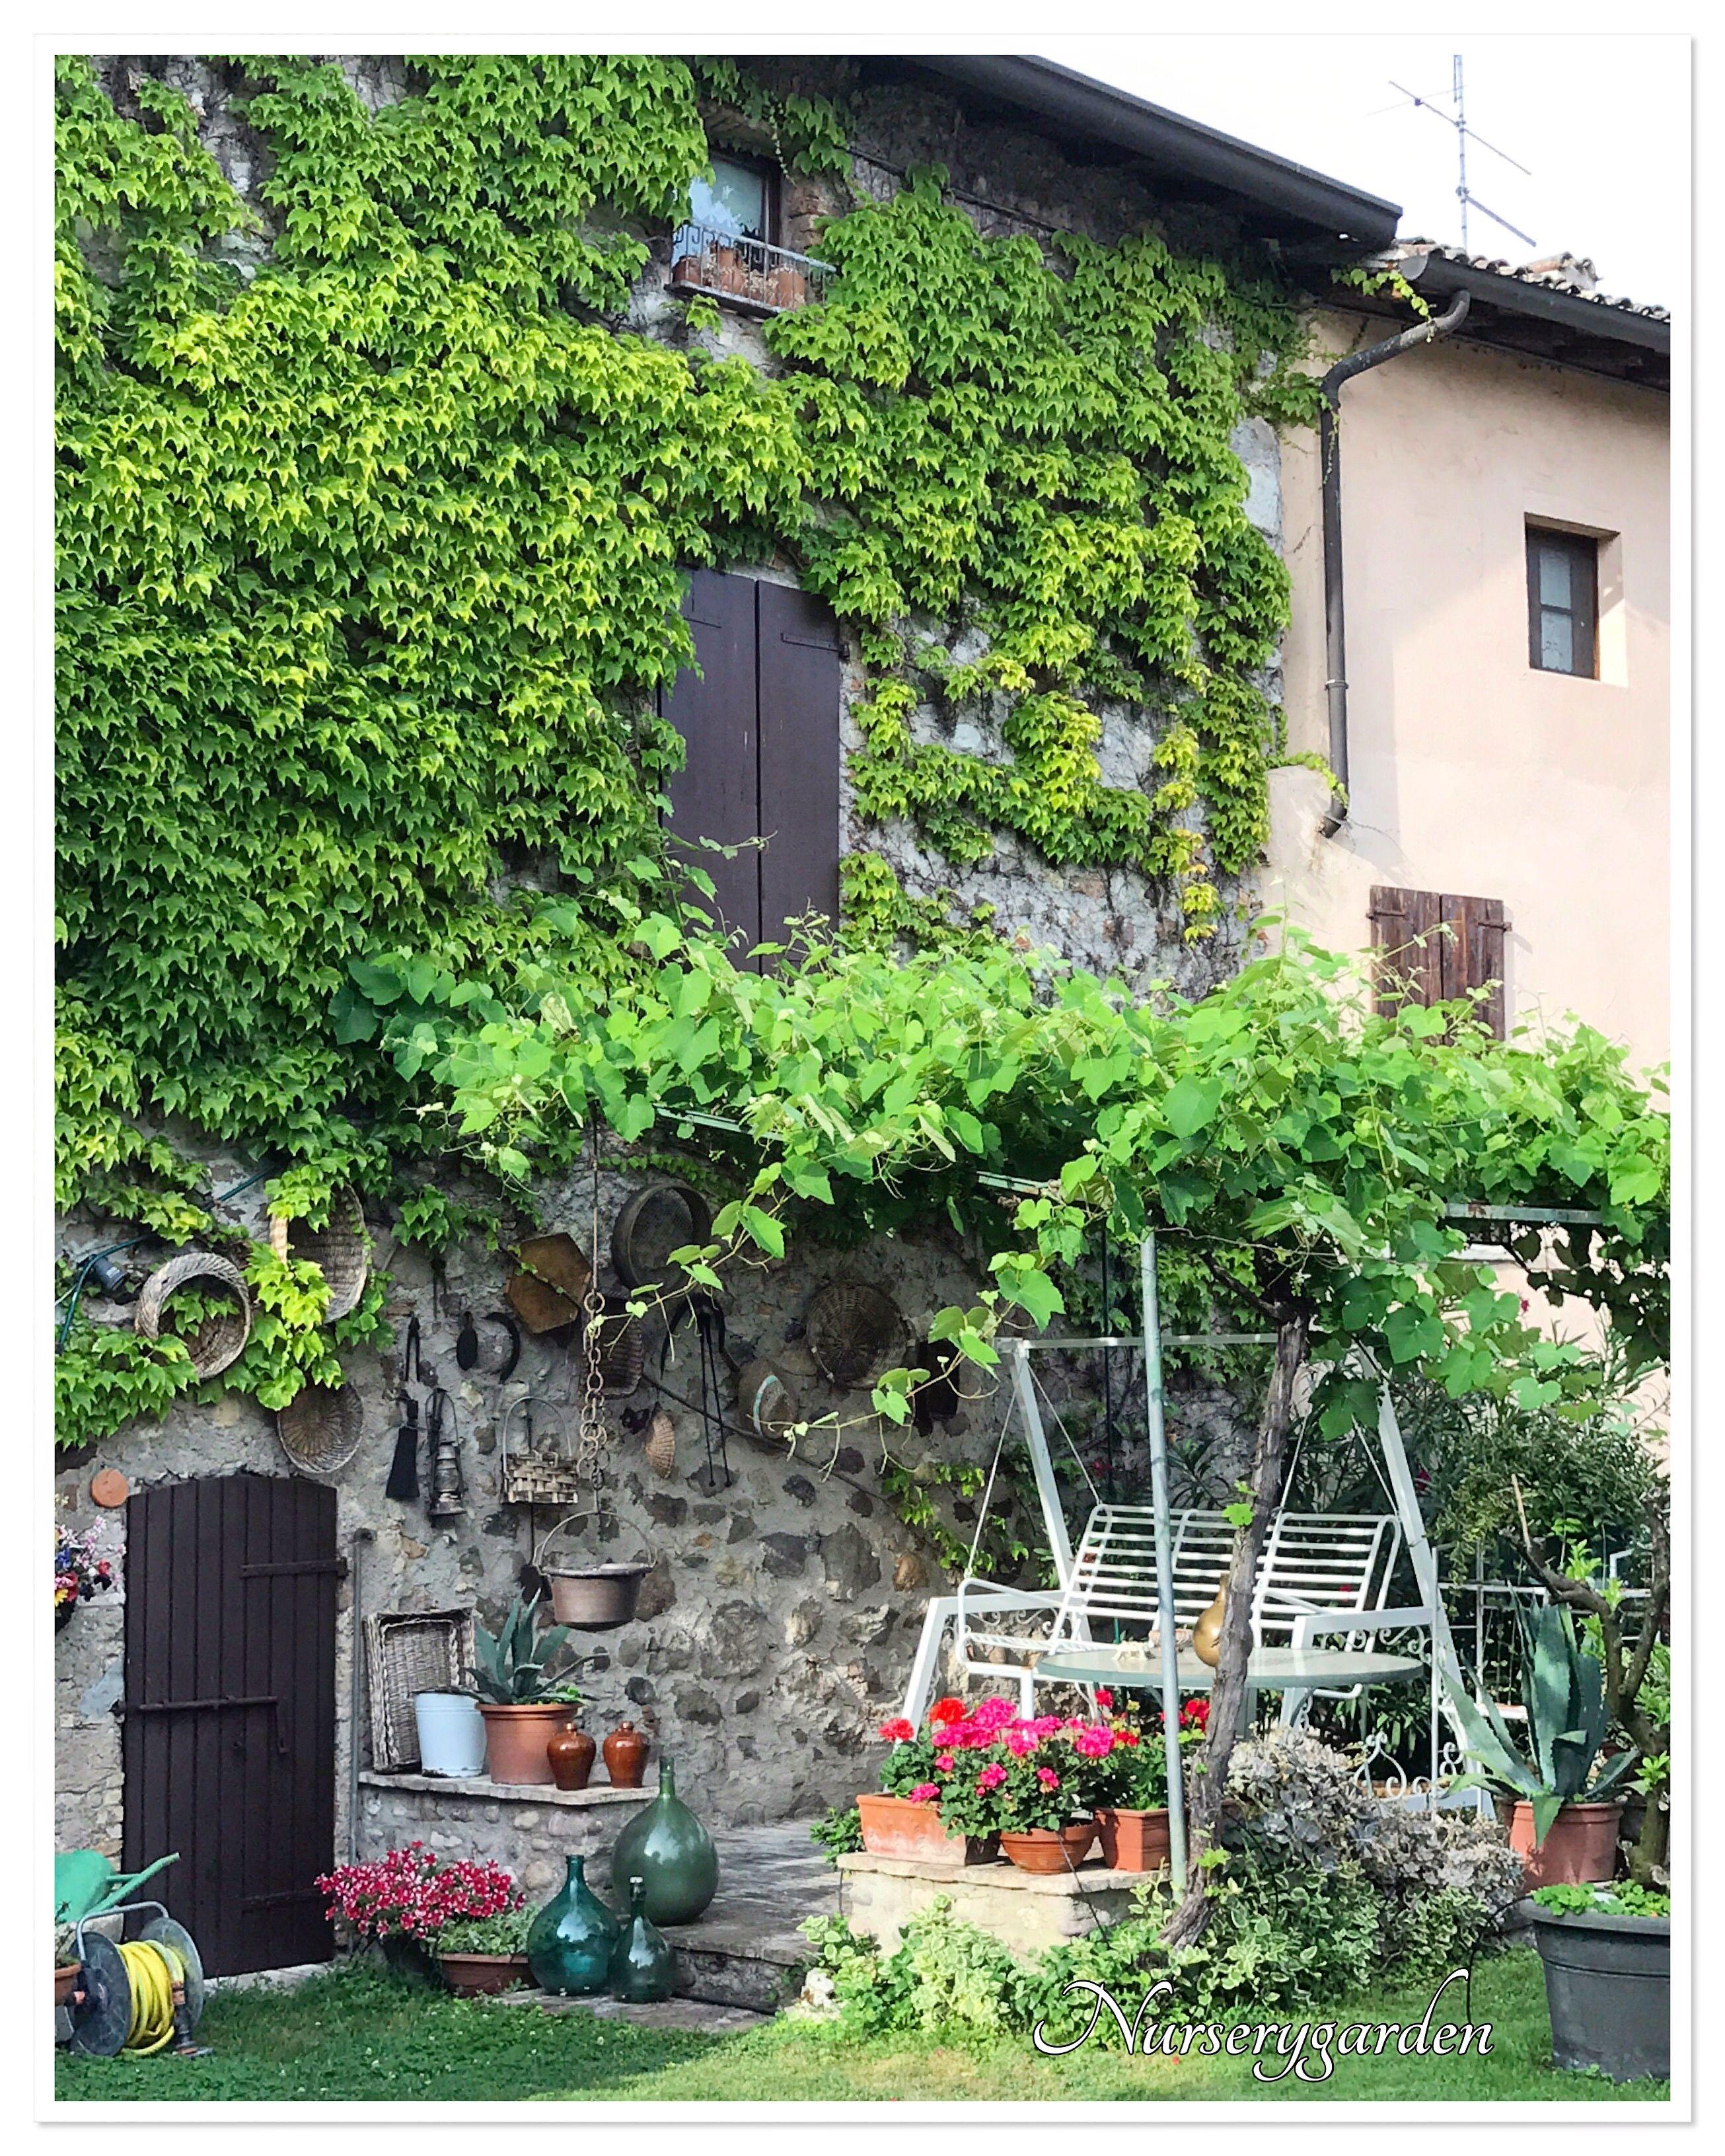 Home, garden, giardino, borghi, countrychic, decor